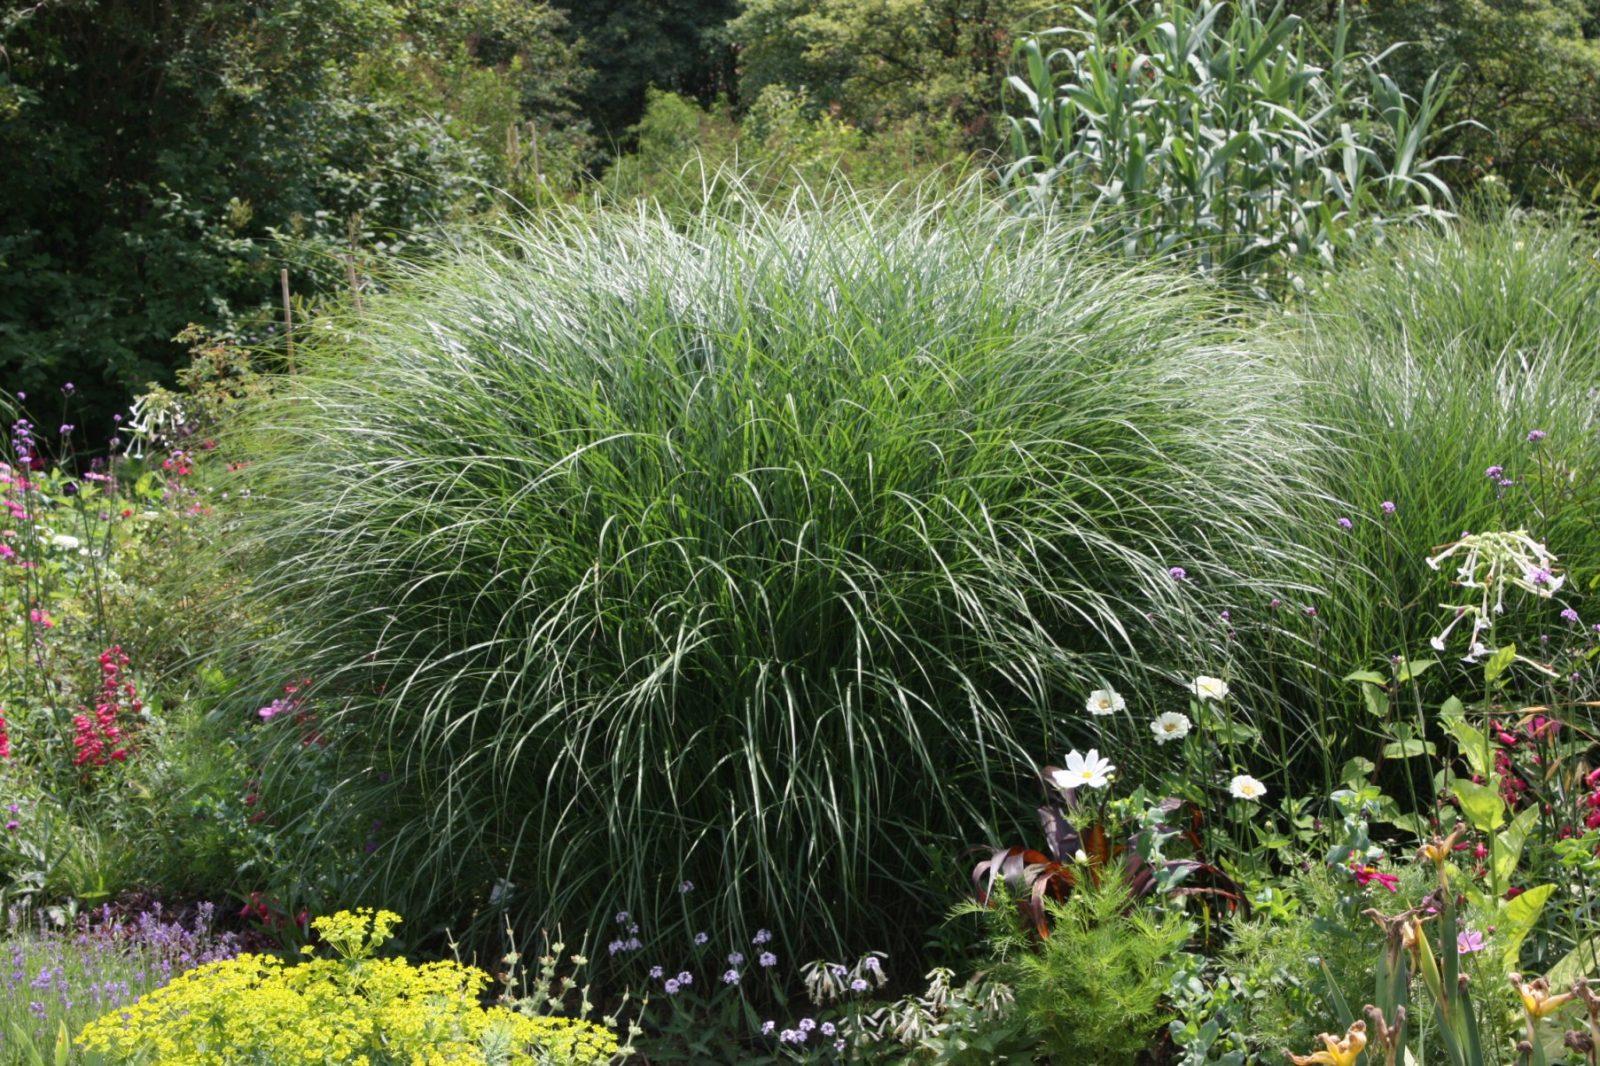 Der Richtige Standort Für Ziergräser Im Garten  Native Plants von Pflanzen Für Sehr Sonnigen Standort Bild